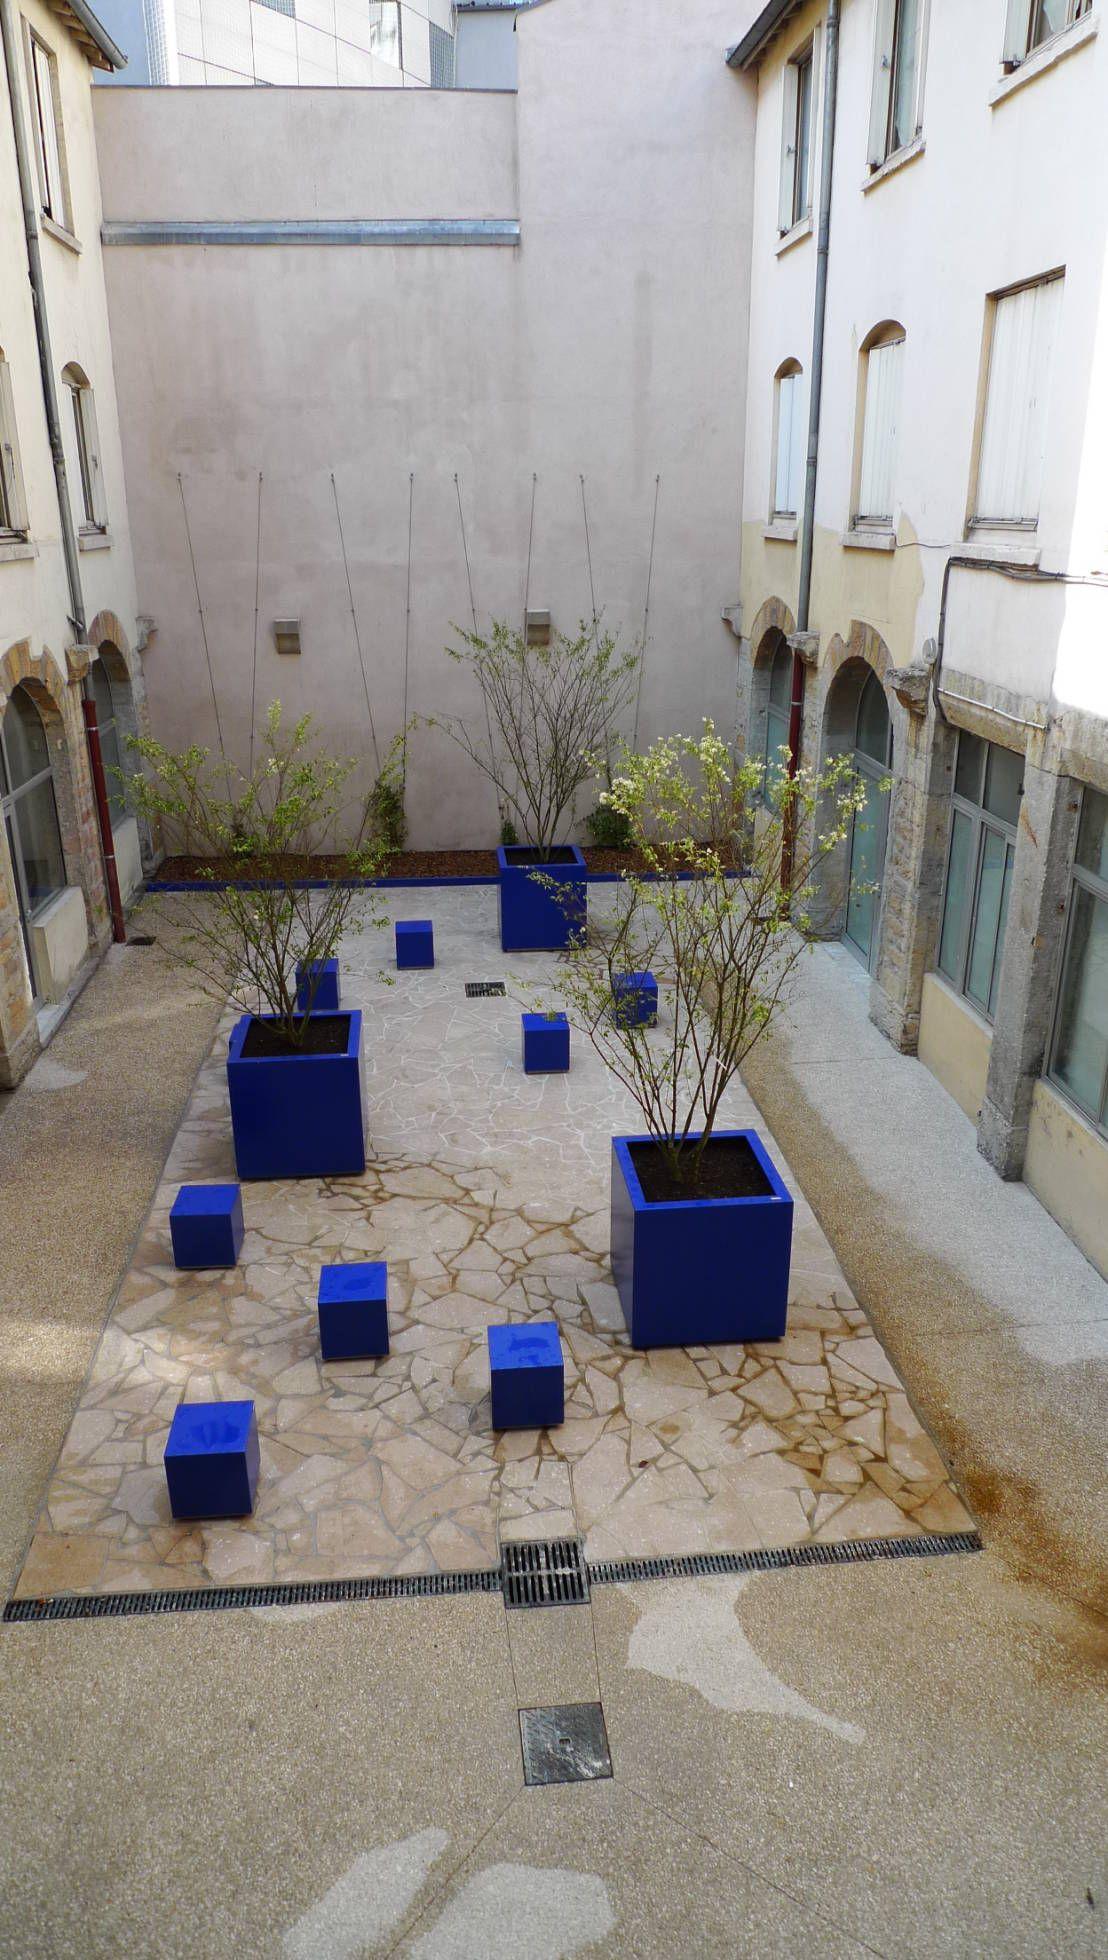 cour de l 39 p e lyon bleu majorelle by atelier du bocal paysagistes pinterest inspiration. Black Bedroom Furniture Sets. Home Design Ideas